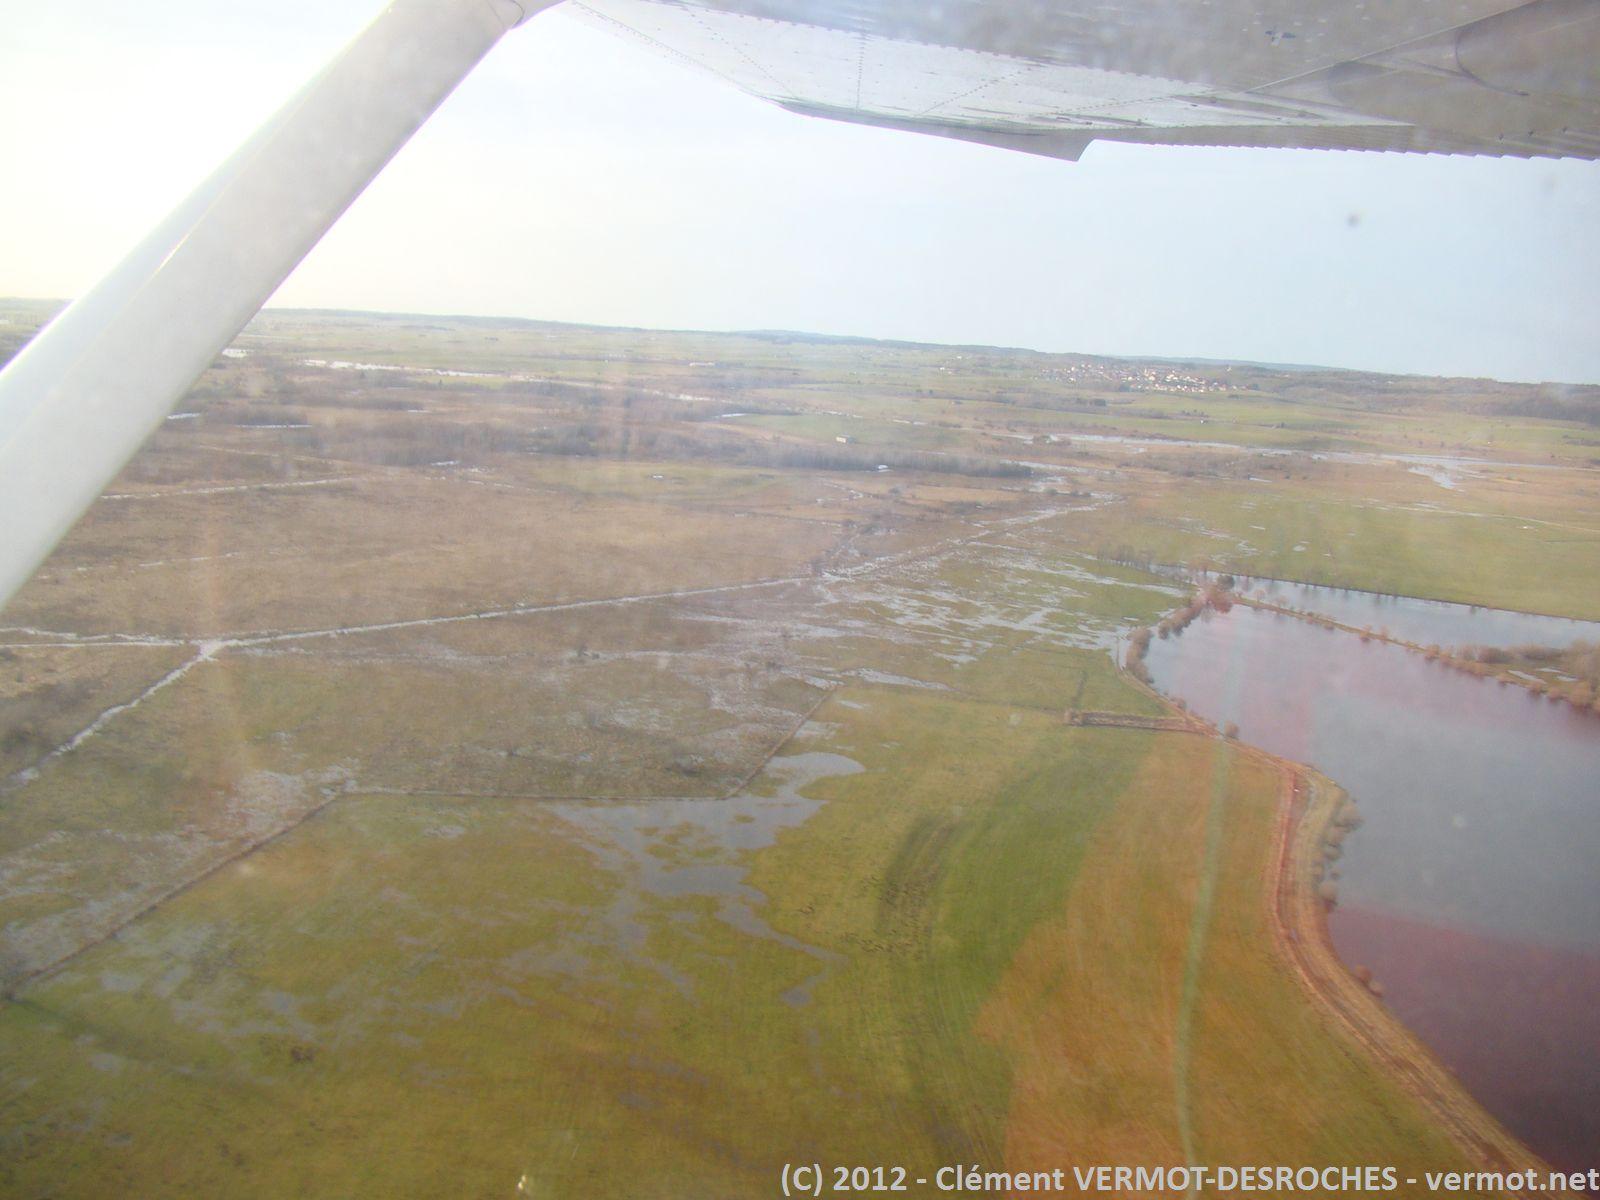 Première photo juste après le décollage de Pontarlier. Le terrain est juste à coté de zones marécageuses, mais on ne perçoit pas autant l'humidité d'habitude.